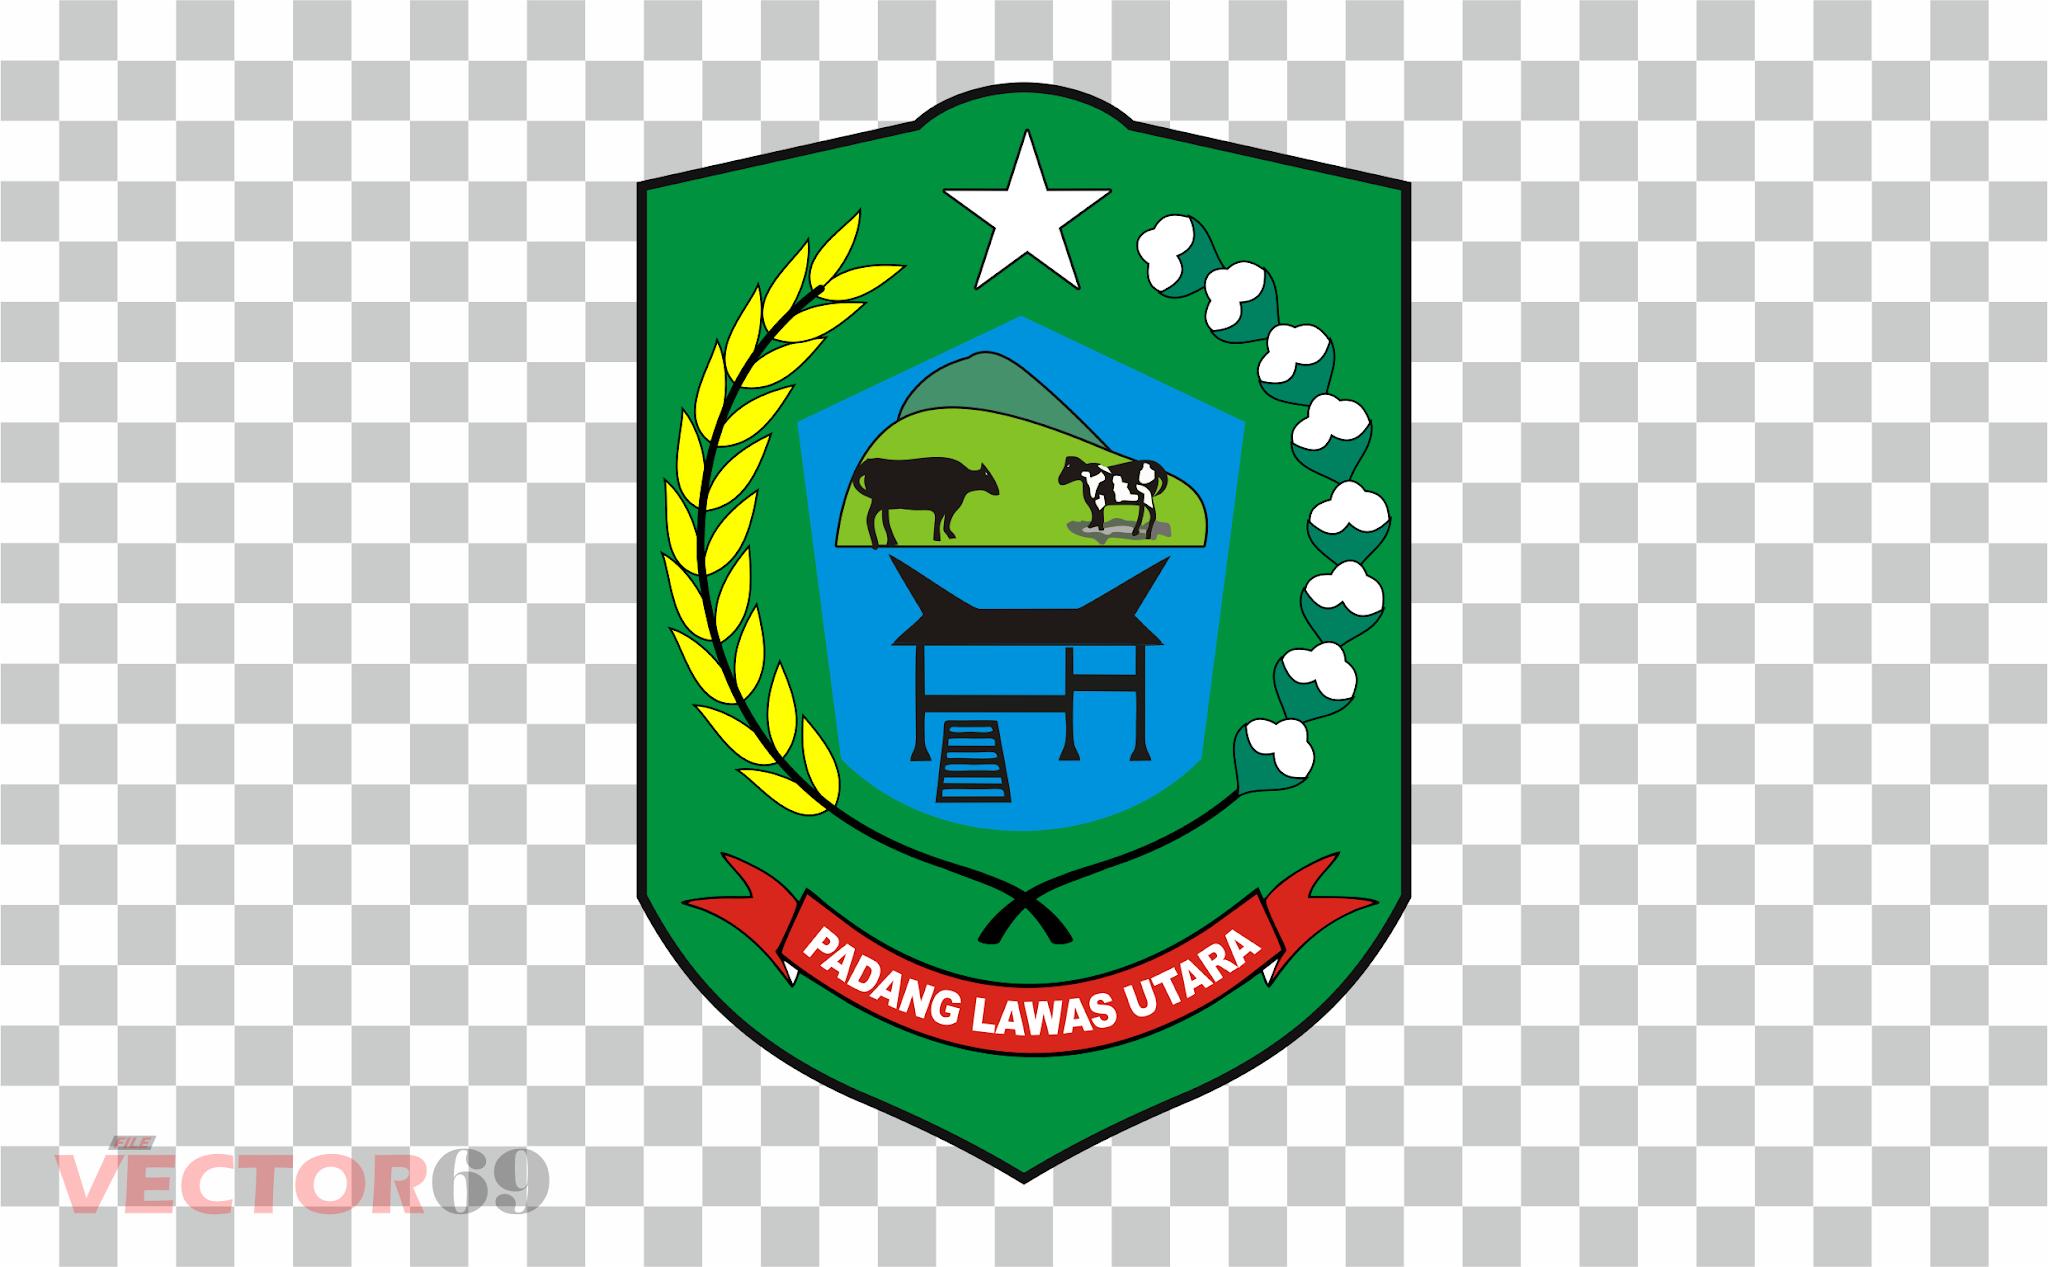 Kabupaten Padang Lawas Utara Logo - Download Vector File PNG (Portable Network Graphics)